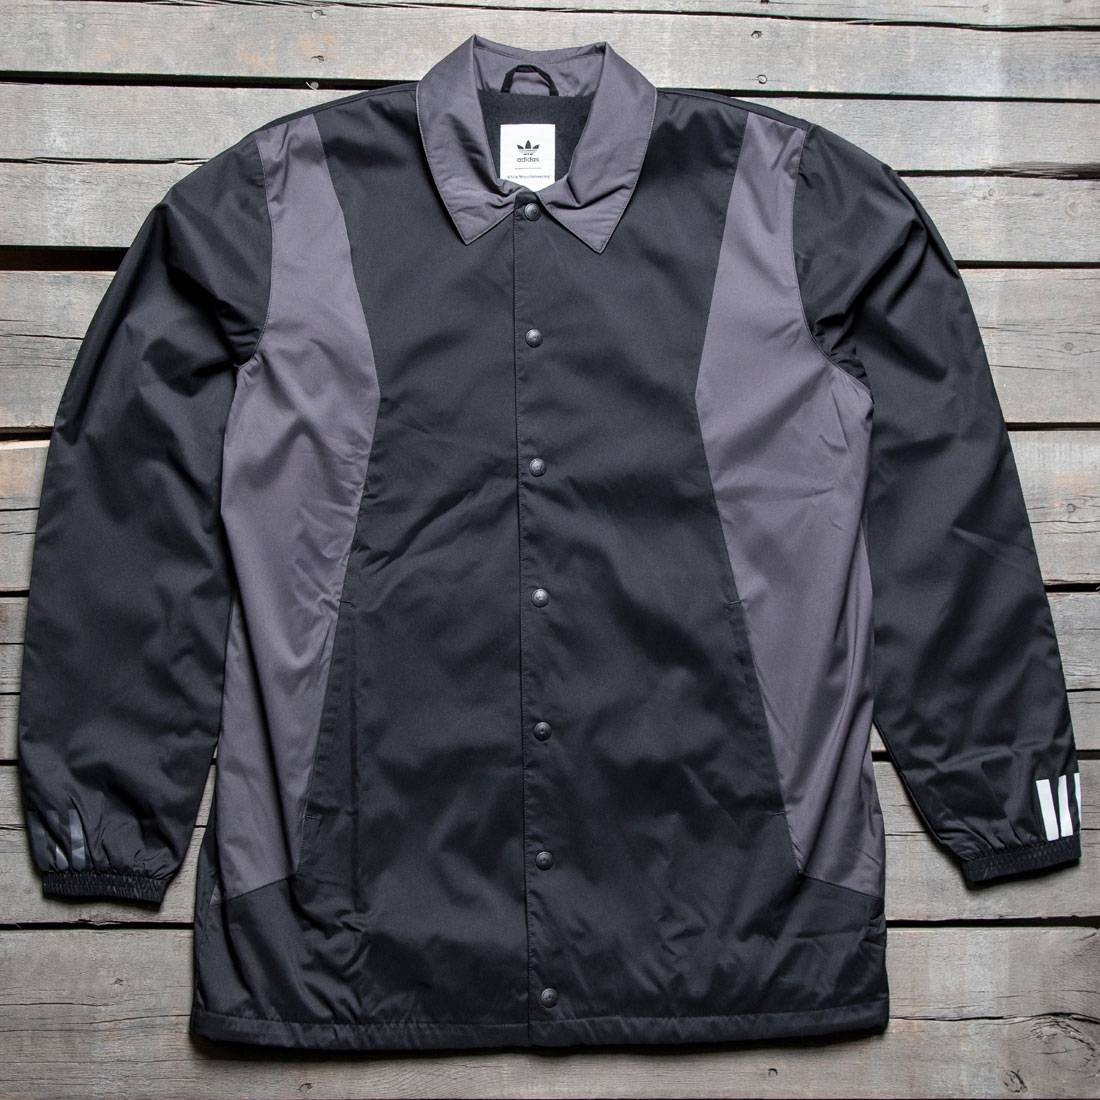 Adidas Men White Mountaineering Long Bench Jacket Black